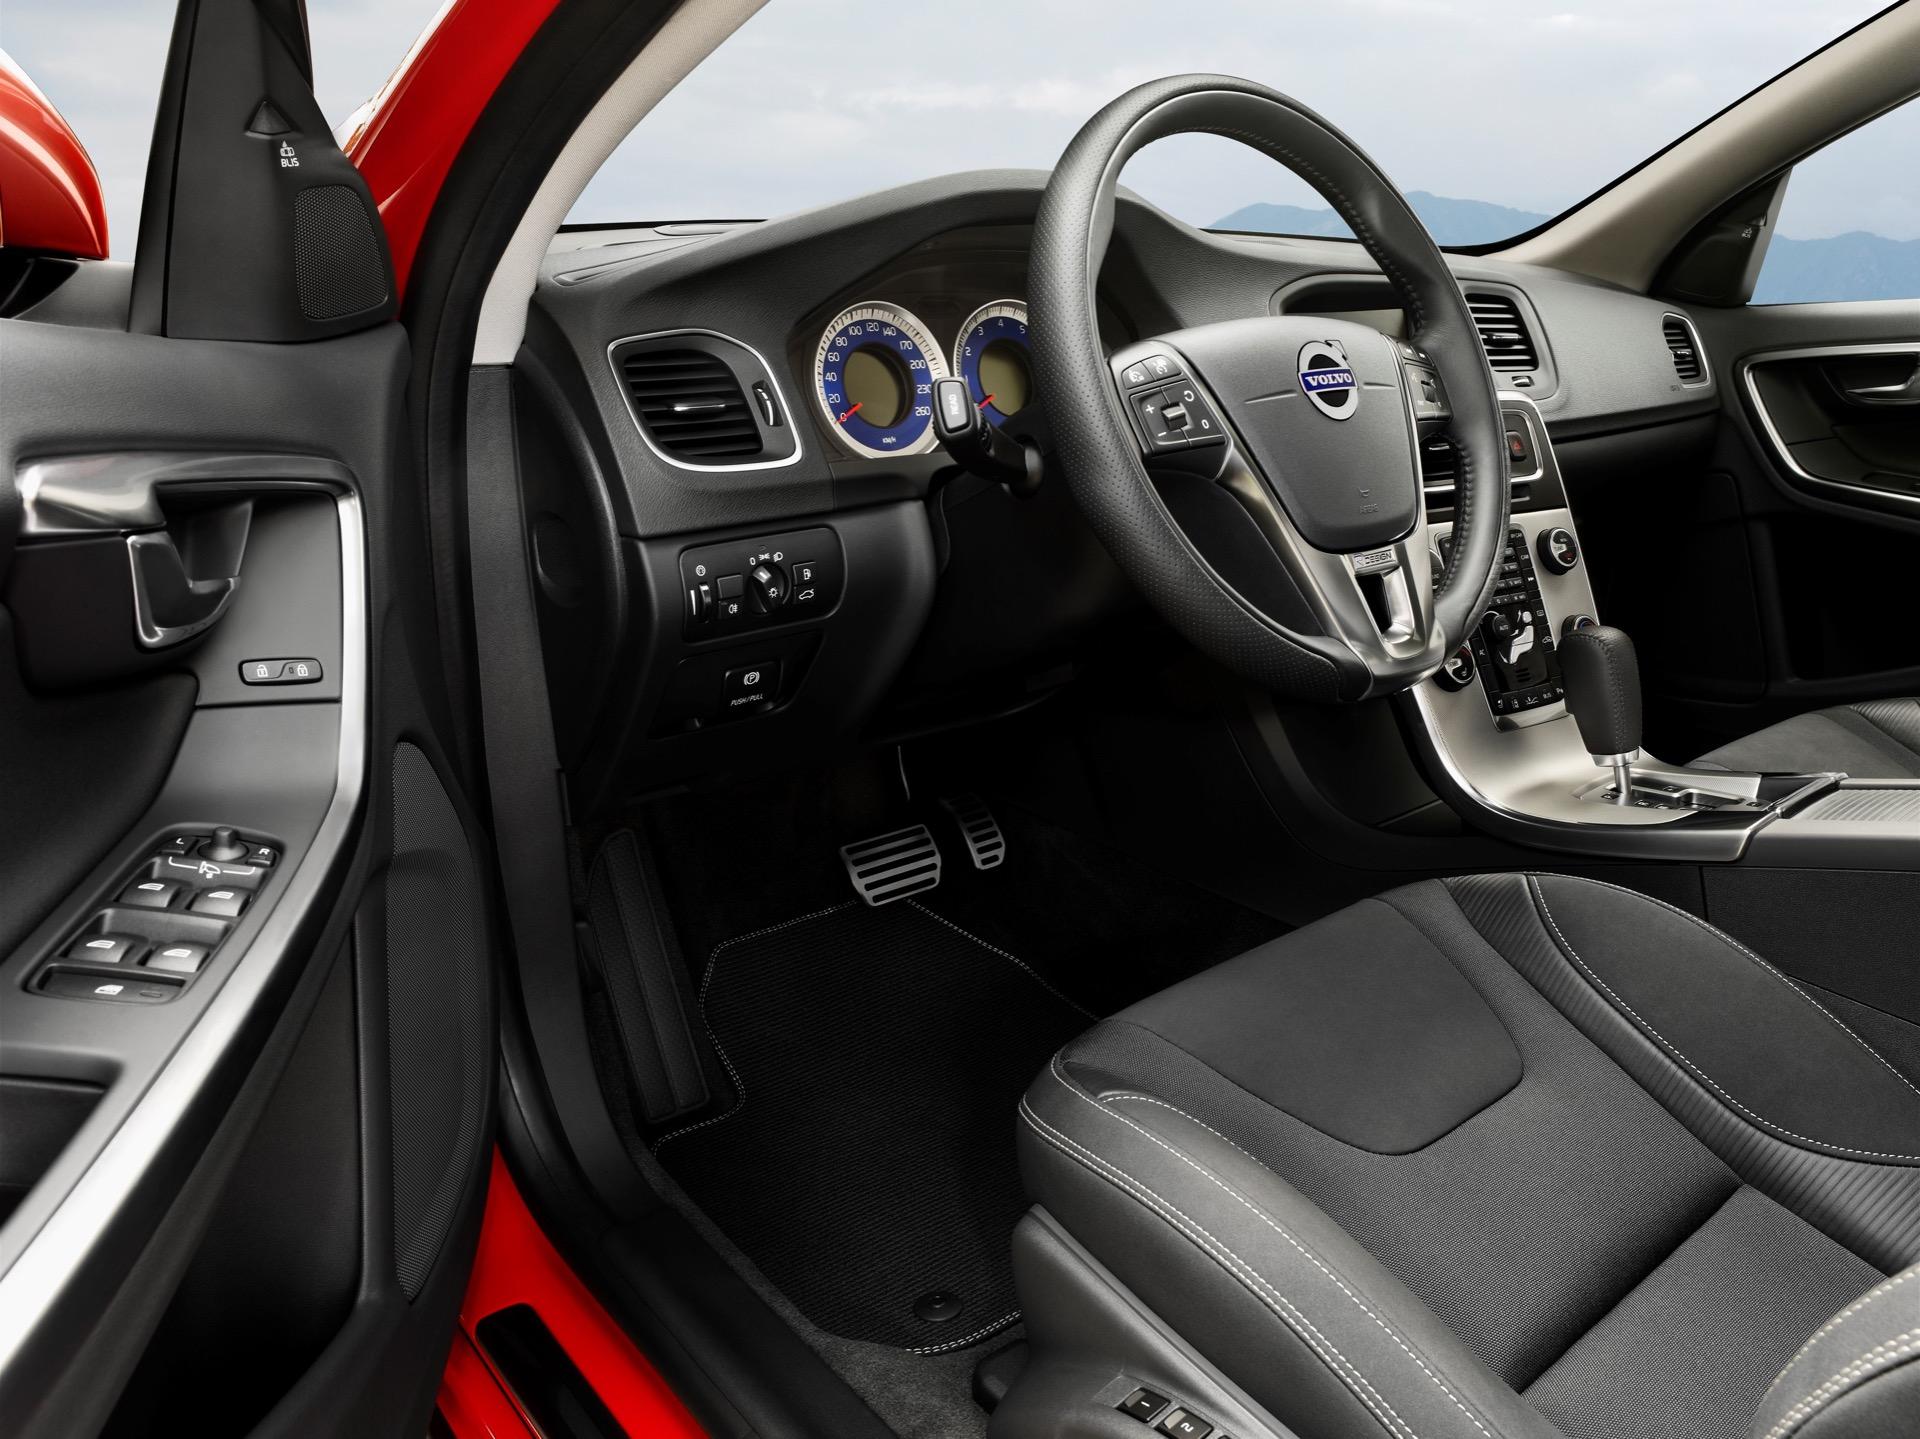 Volvo S60 V60 R Design01 -  Volvo